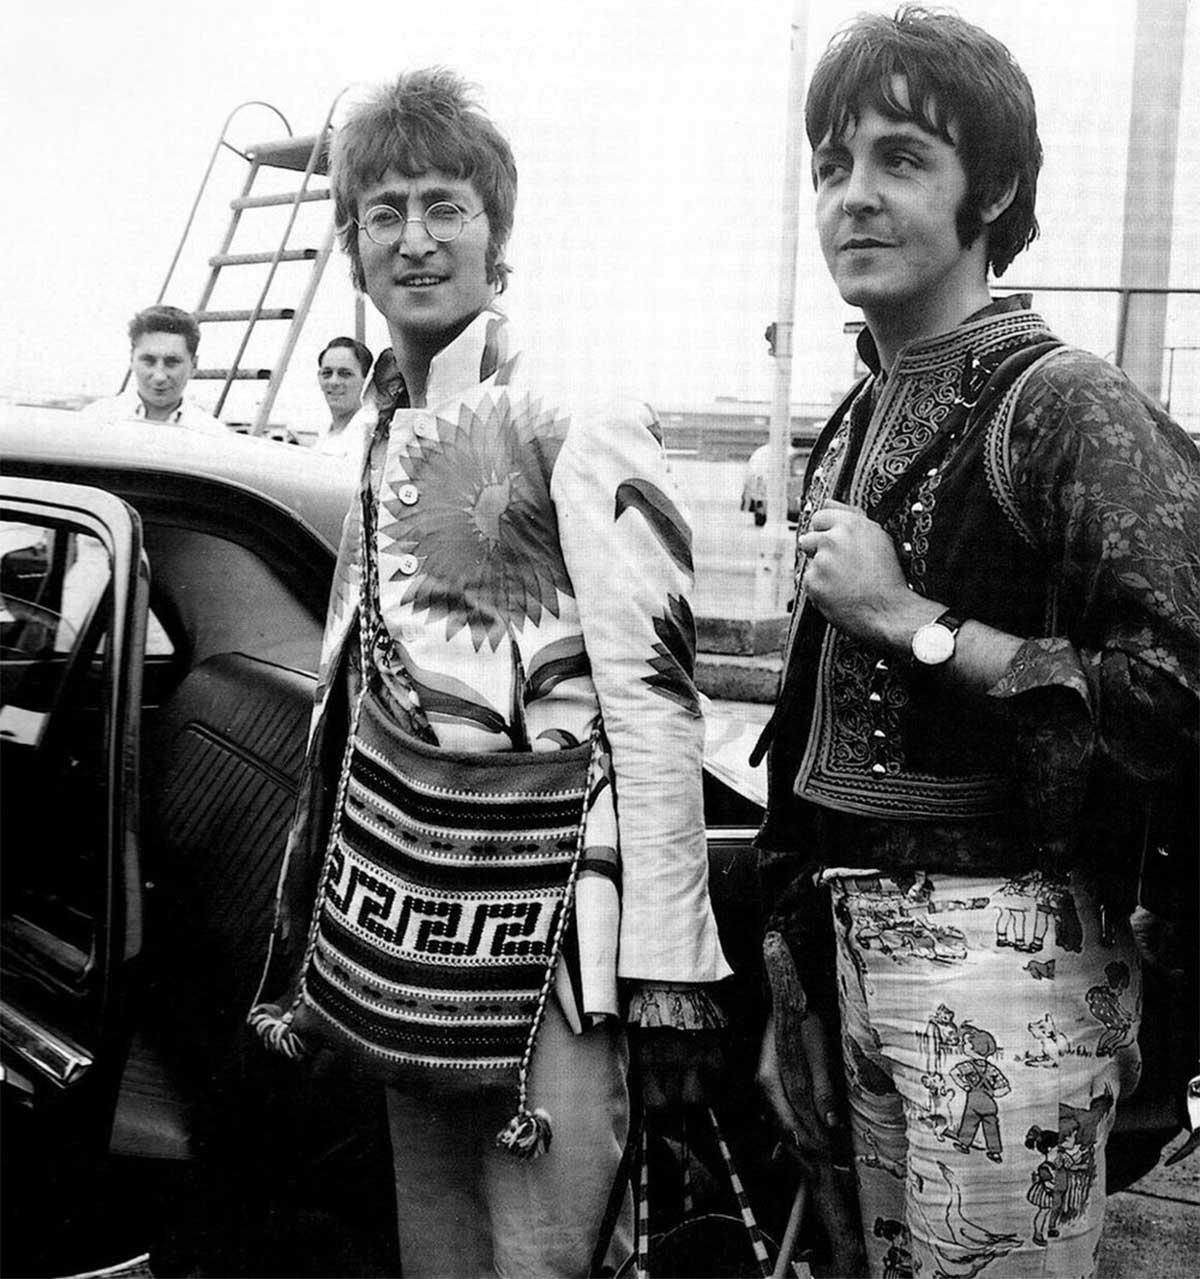 John Lennon y Paul McCartney en Grecia, 1967